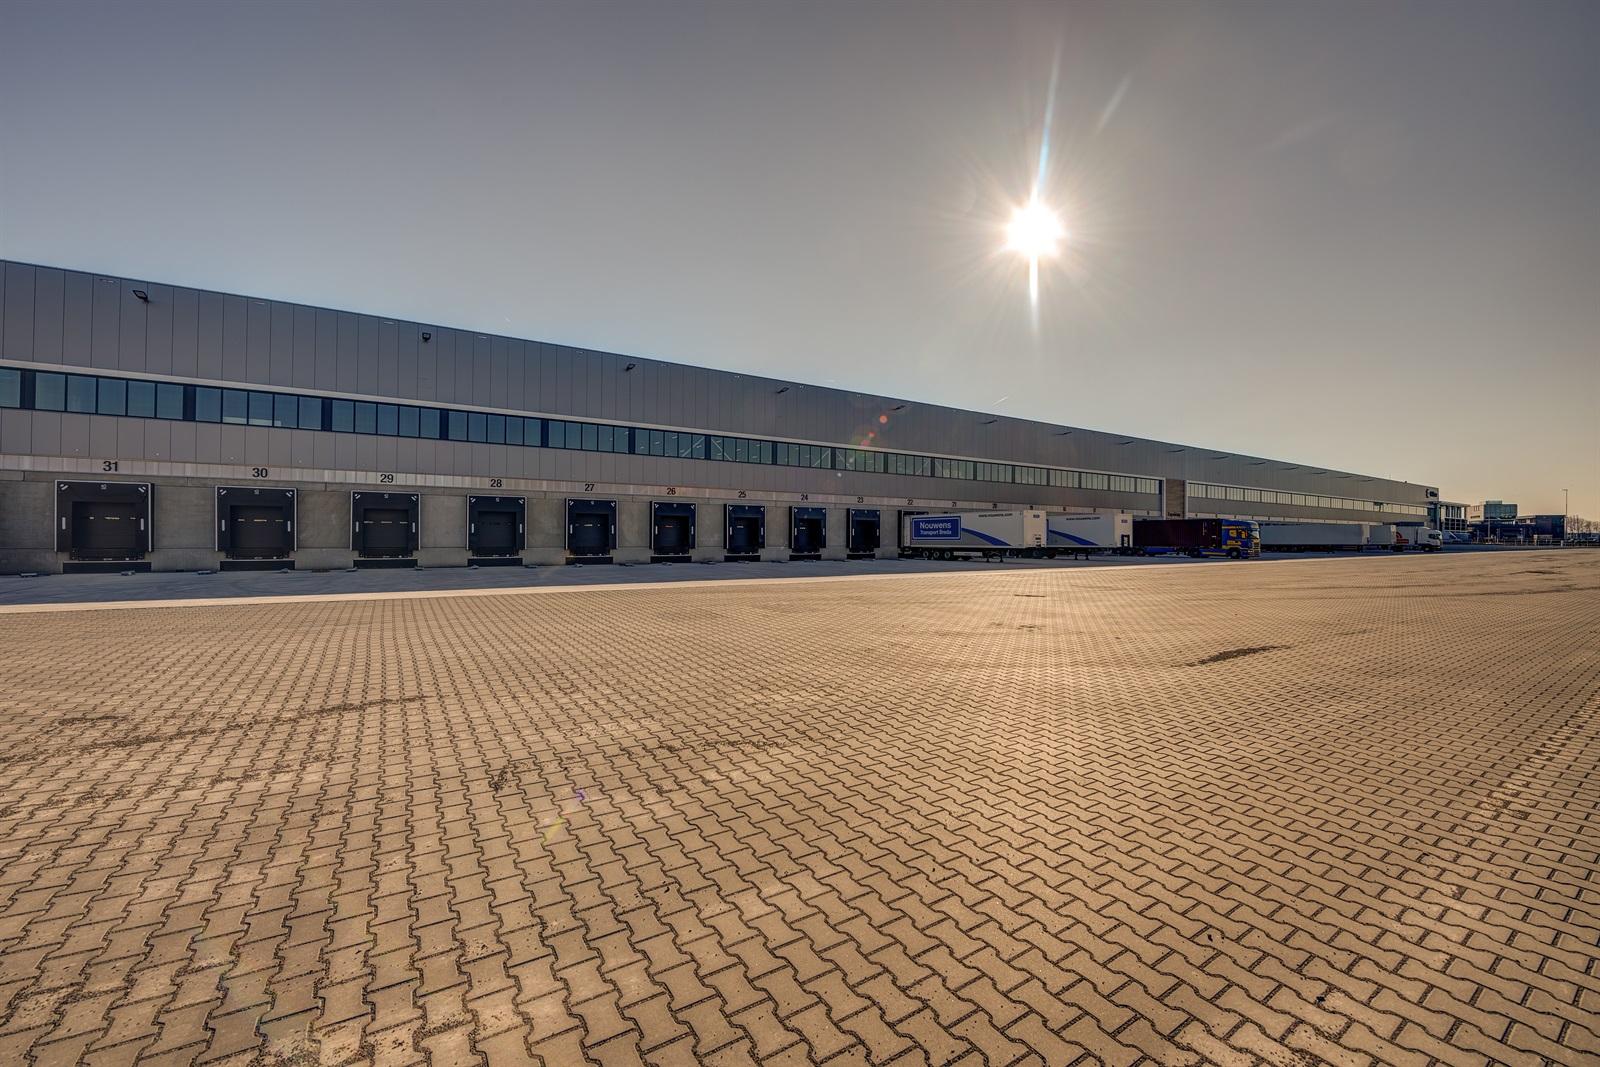 HVBM Tilburg